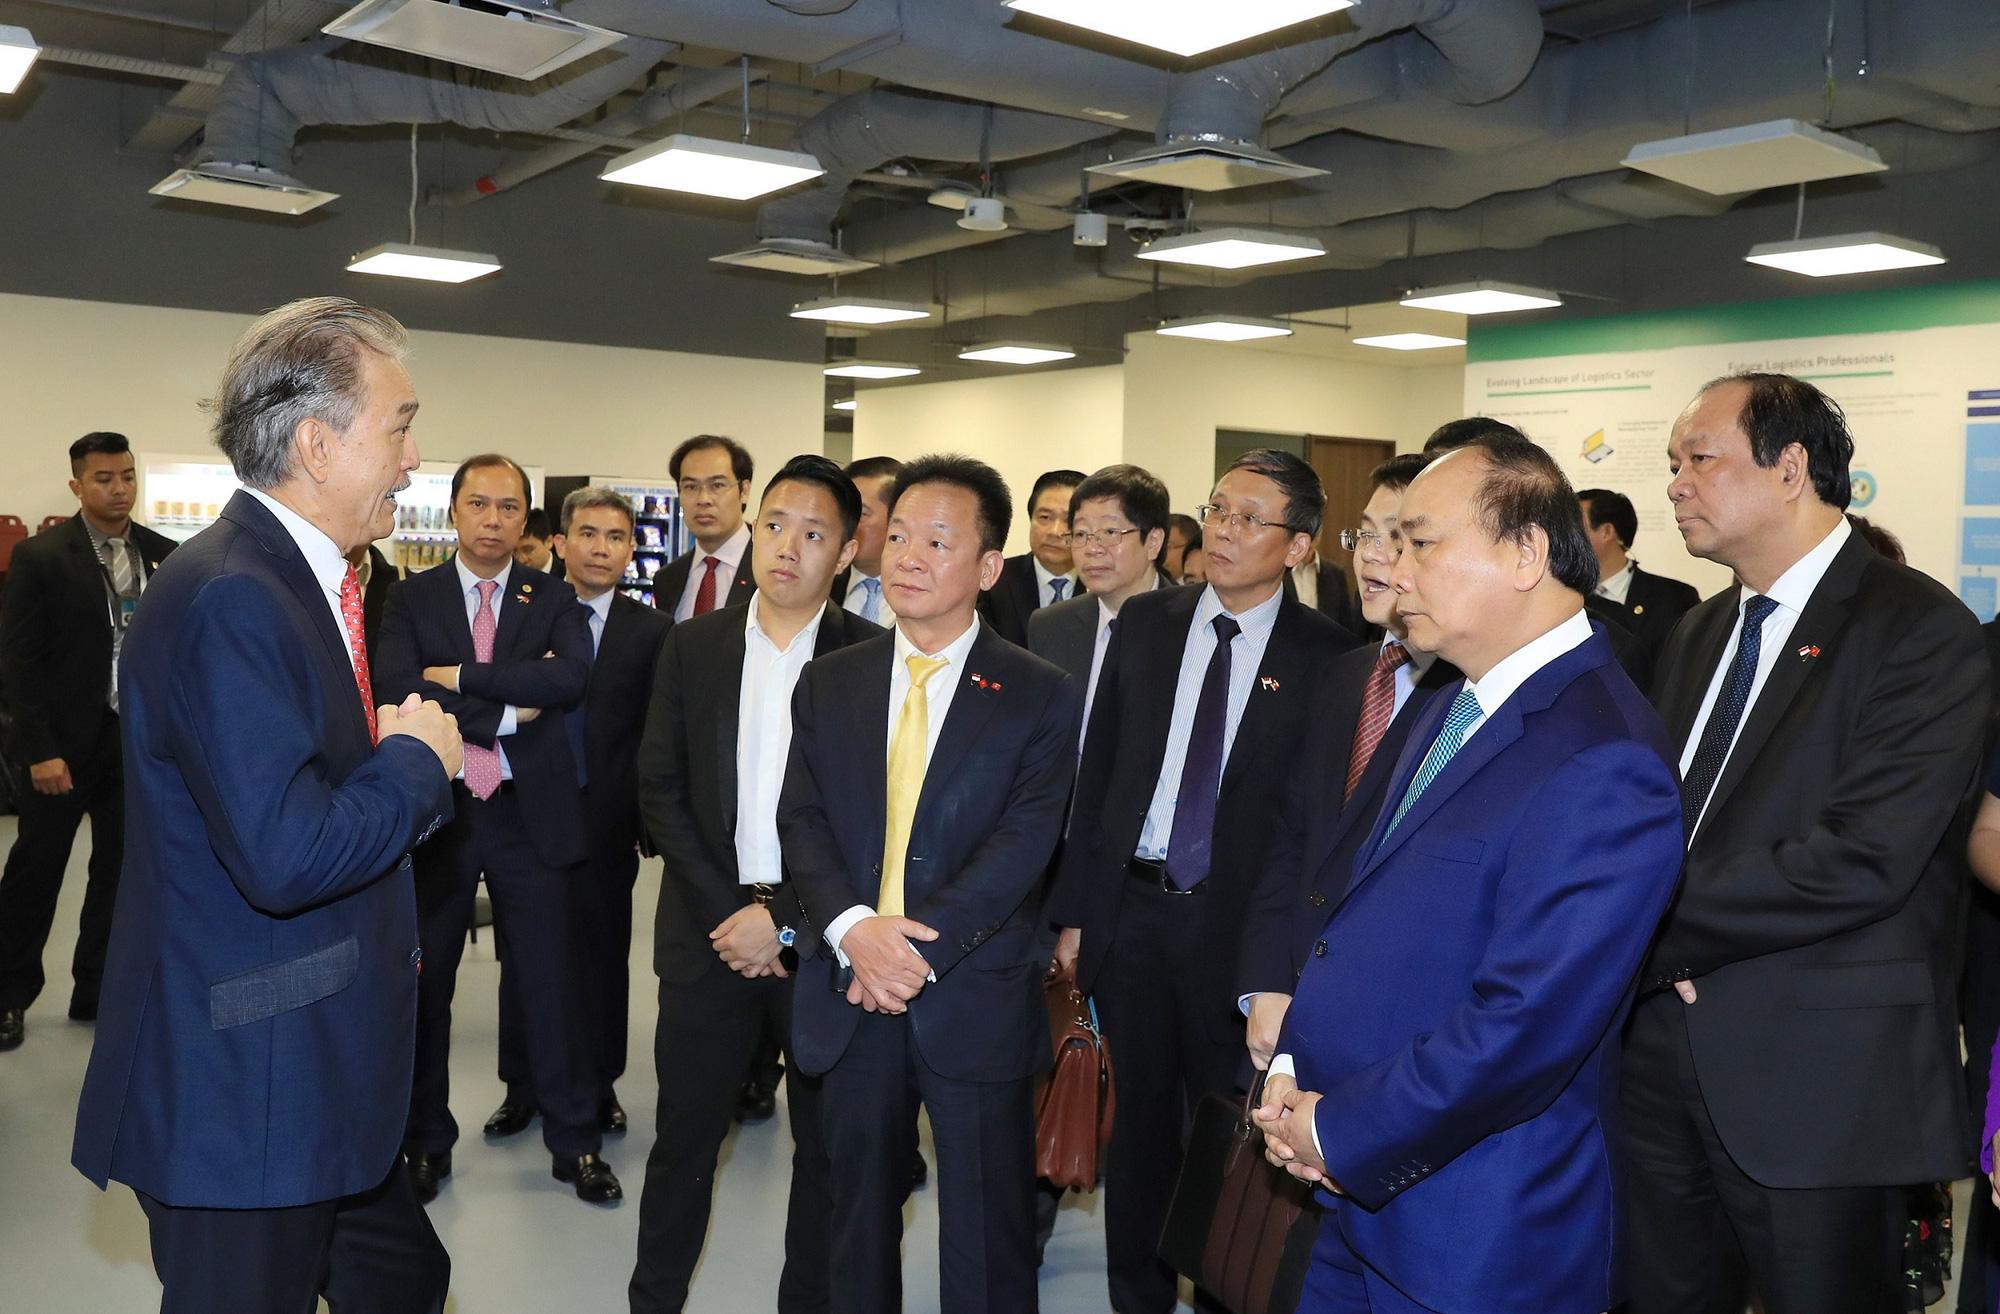 """Thủ tướng khởi động mạng lưới Logistics thông minh ASEAN với dự án đầu tiên """"Trung tâm Logistics ICD Vĩnh Phúc"""" - Ảnh 3."""